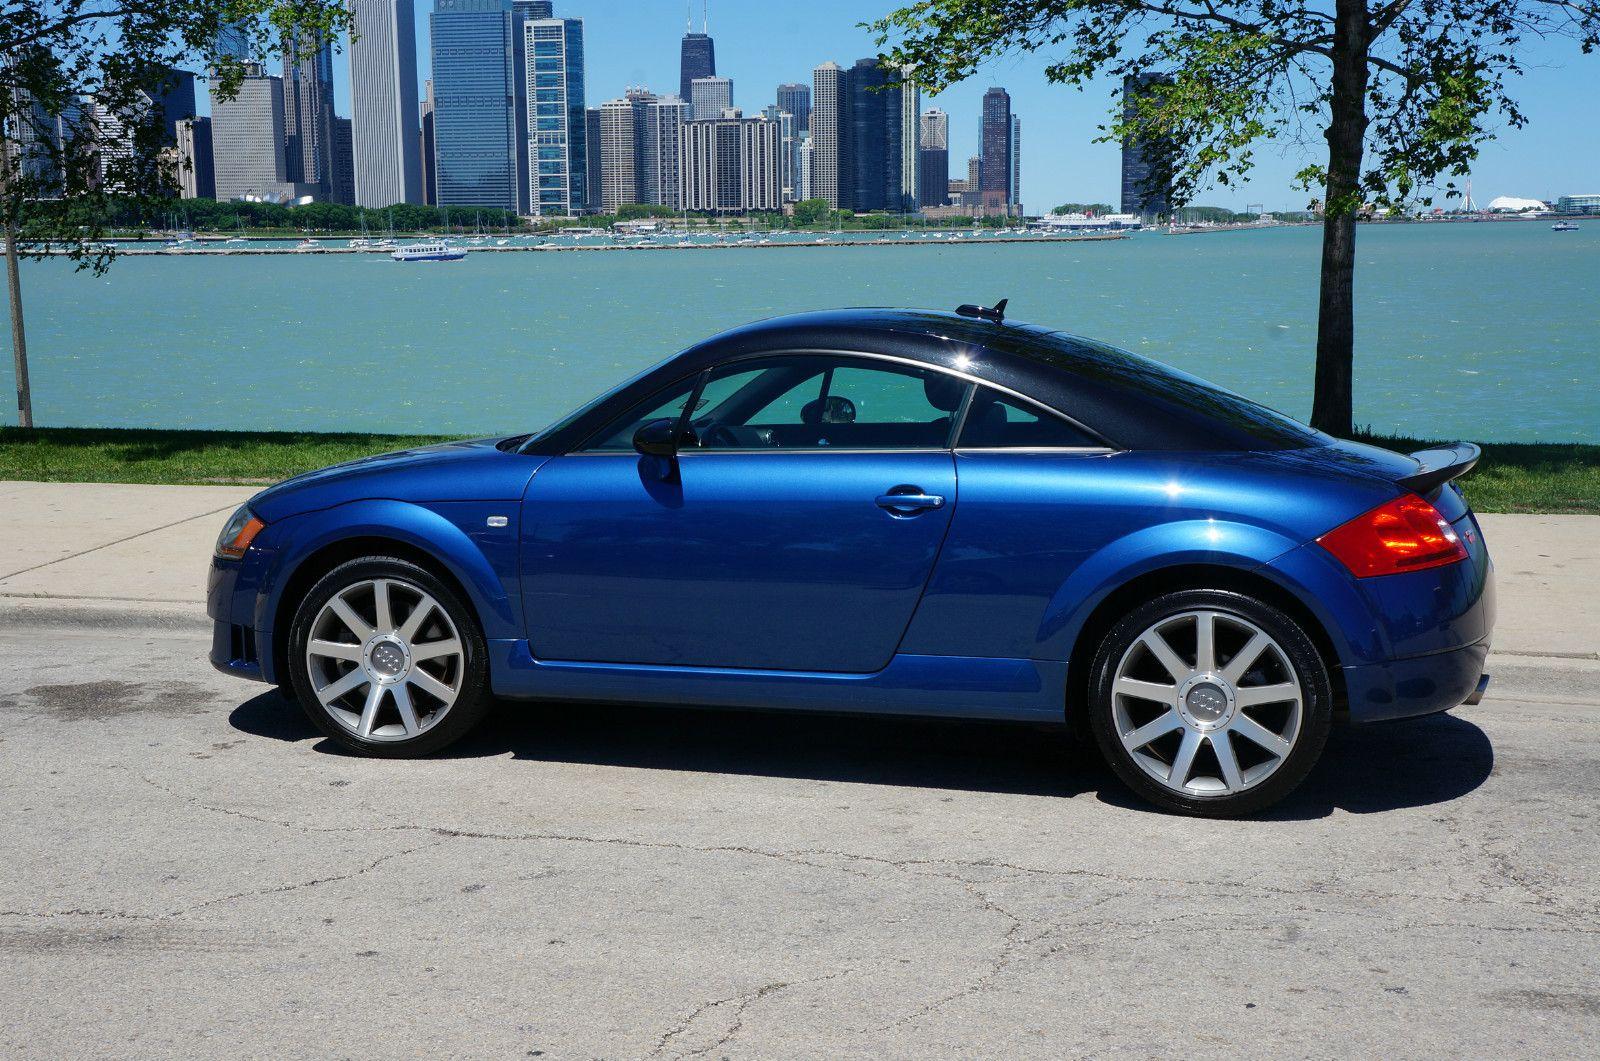 2008 Audi TT Coupe 3.2 quattro Specs, Colors, 0-60, 0-100 ...